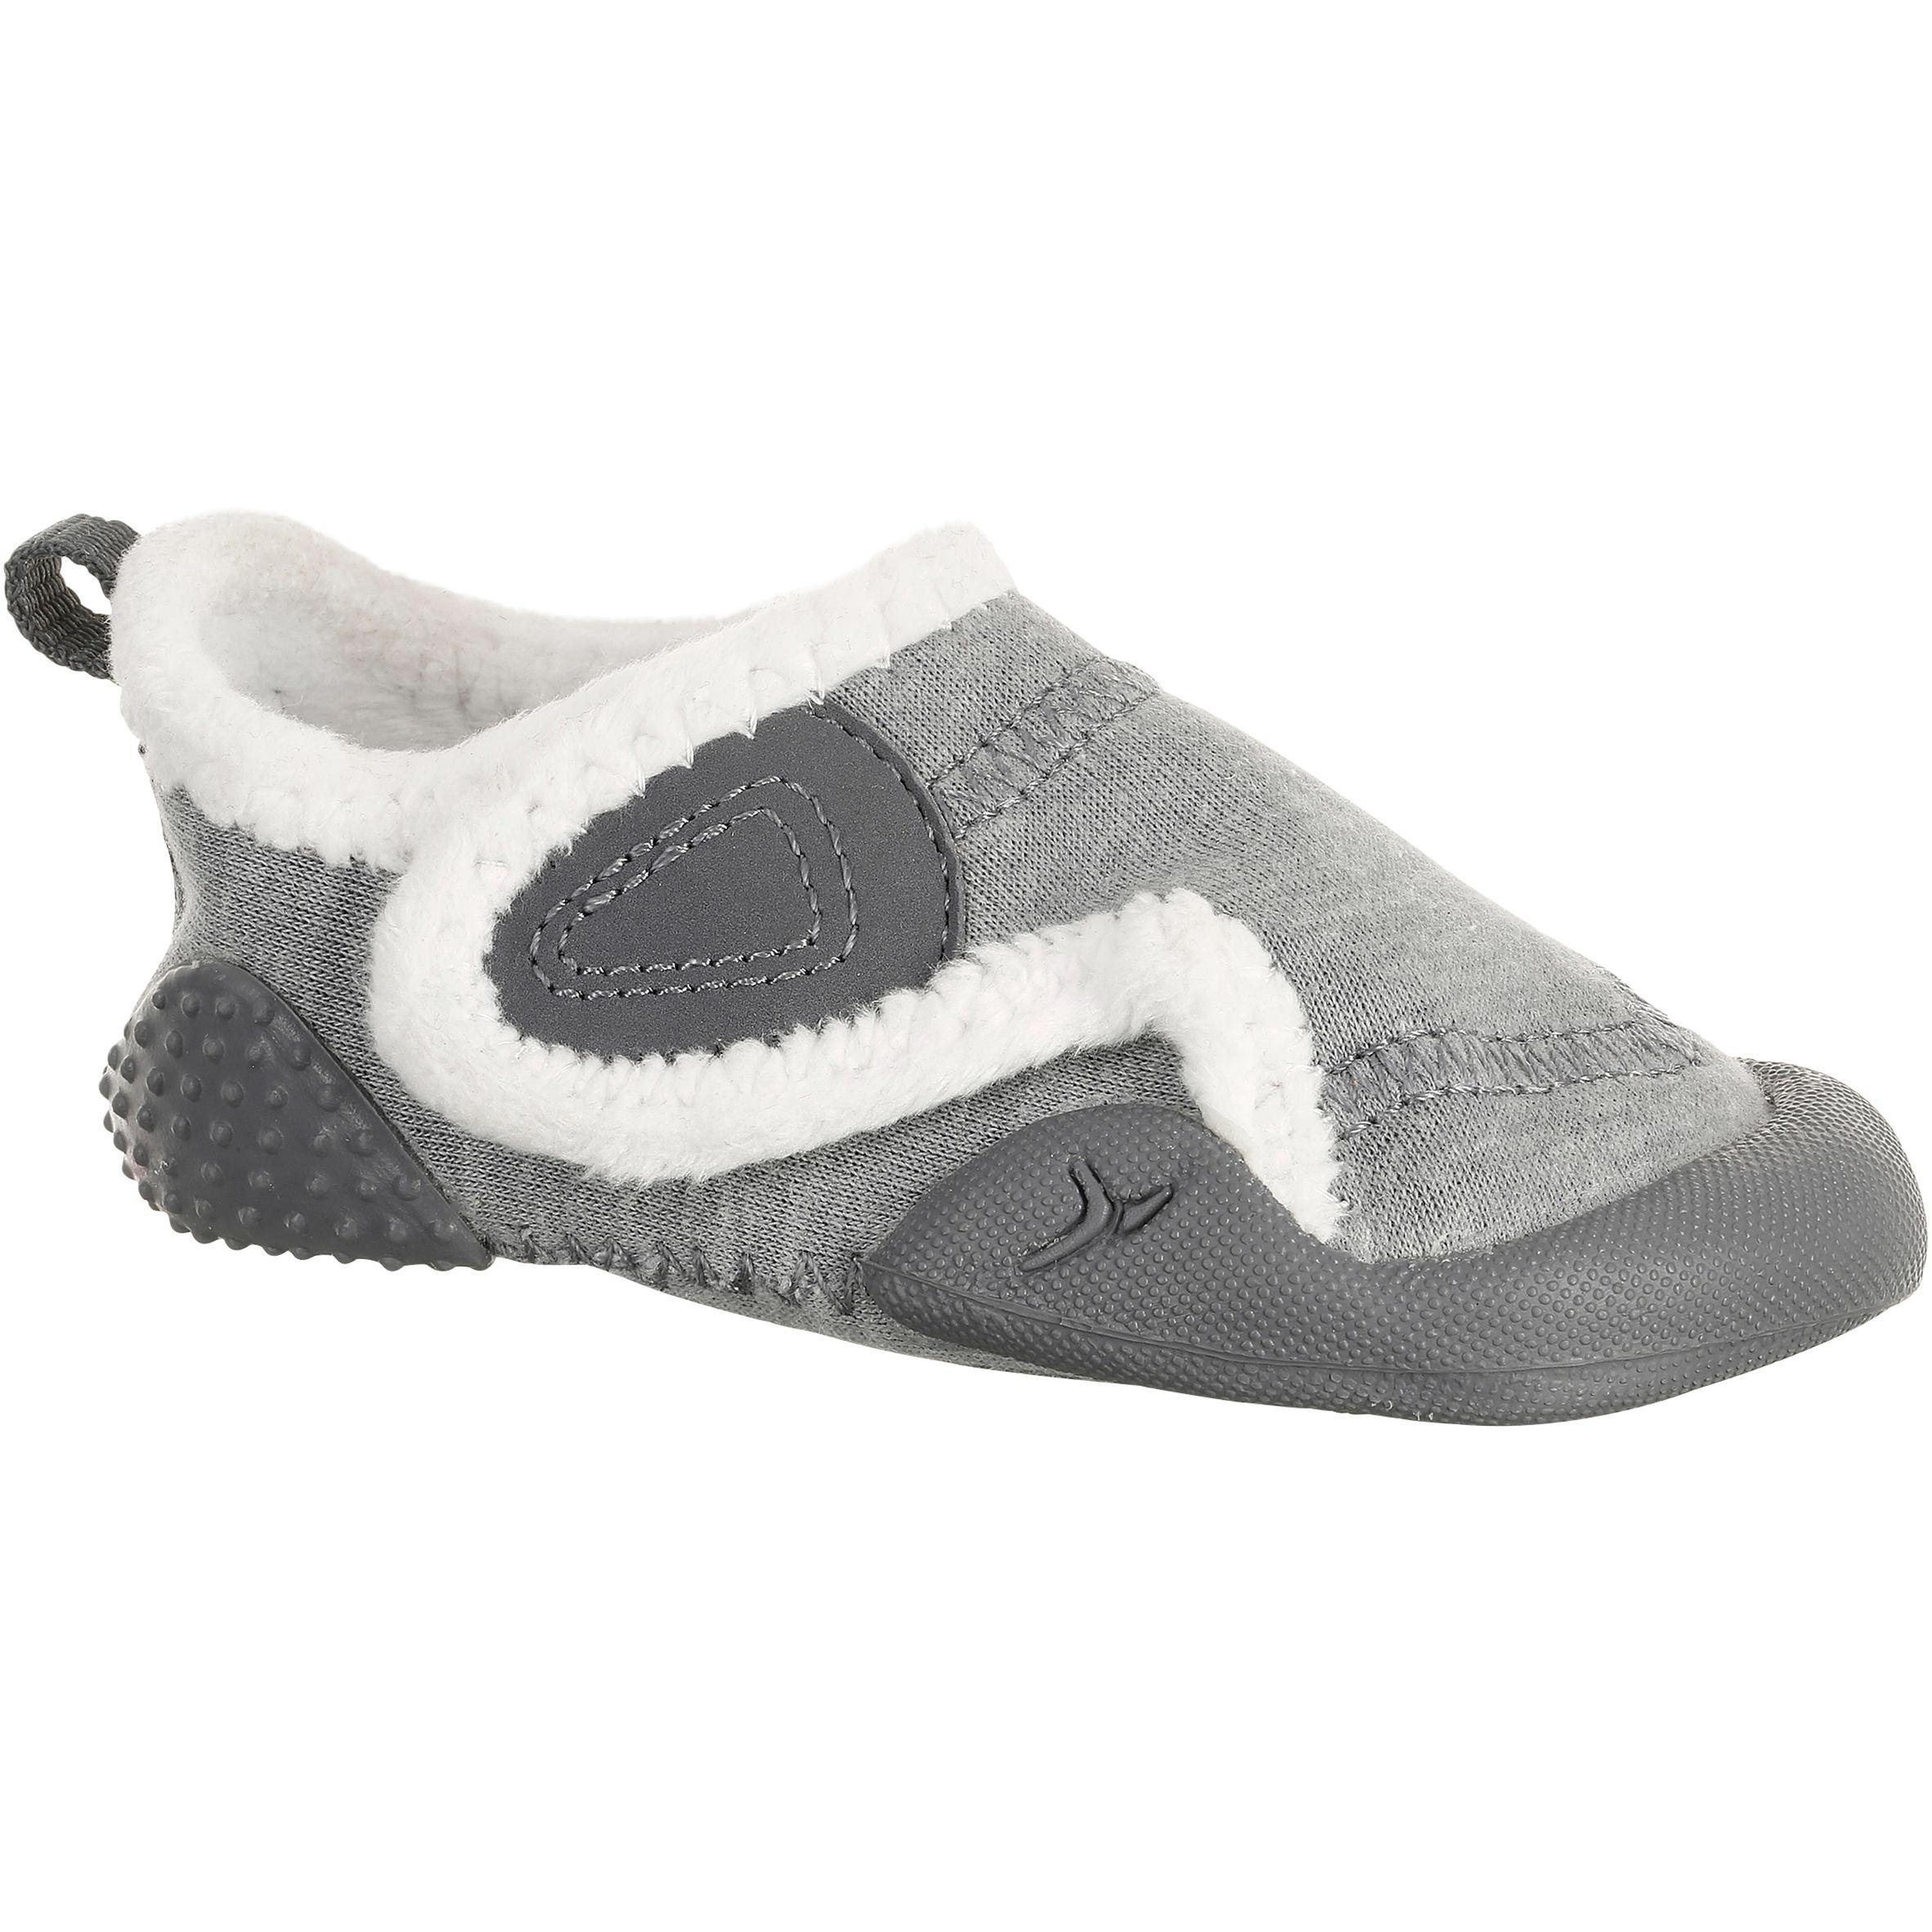 Gevoerde gymschoentjes Babylight voor kleutergym grijs-wit